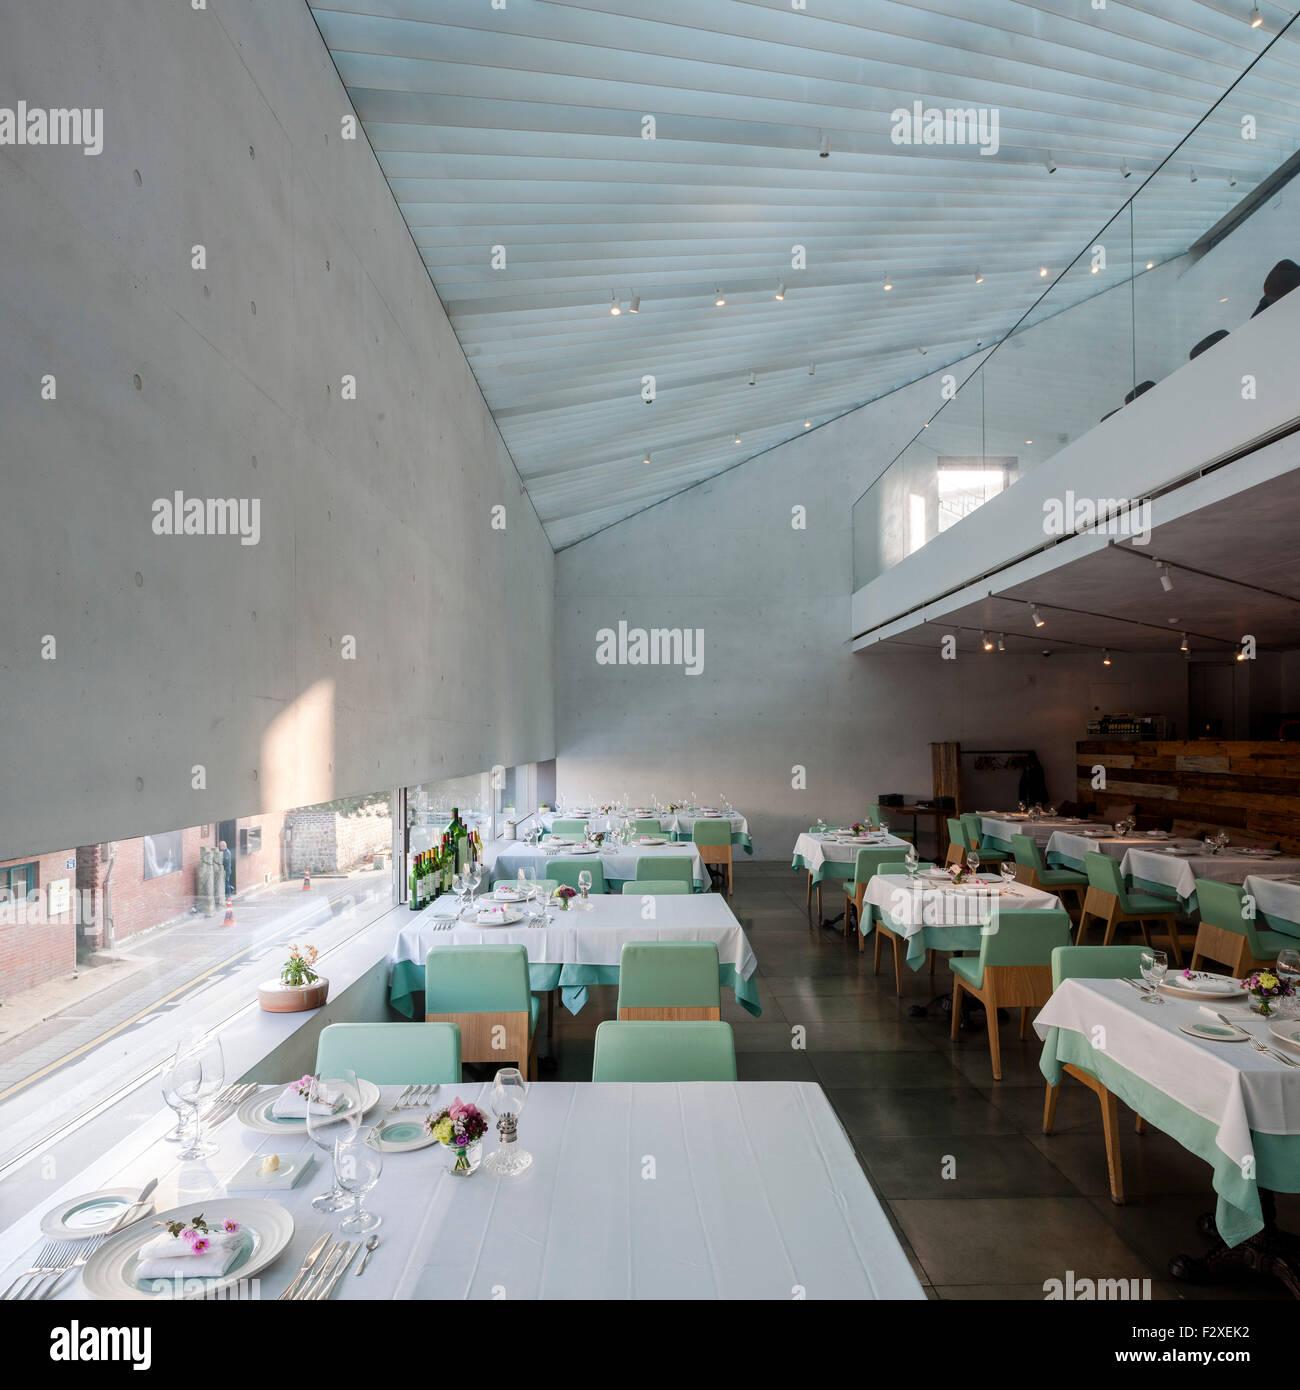 https://c8.alamy.com/compde/f2xek2/interieur-mit-perforierter-oberlicht-songwon-kunstzentrum-bien-etre-restaurant-seoul-korea-sud-architekt-masse-studi-f2xek2.jpg